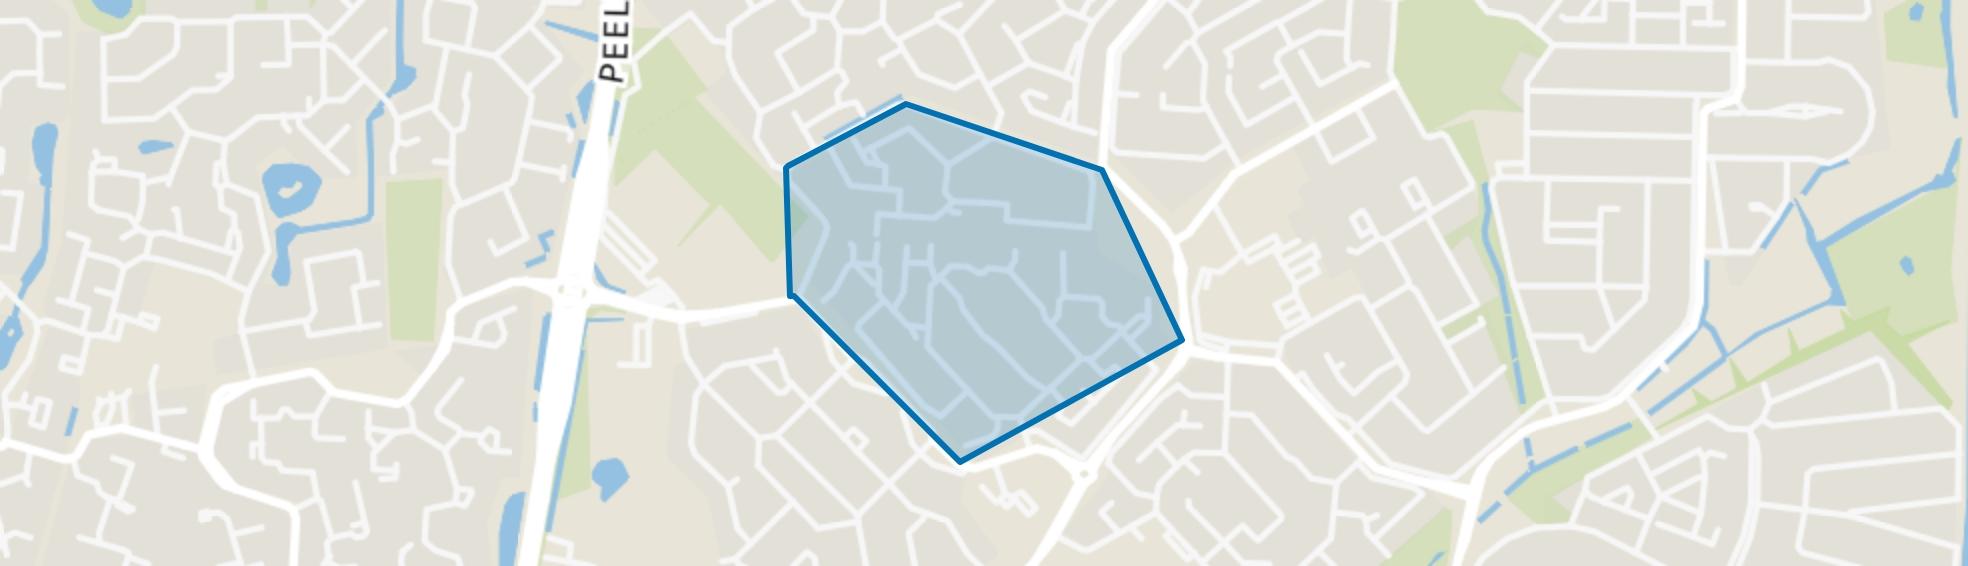 De Heugten, Assen map